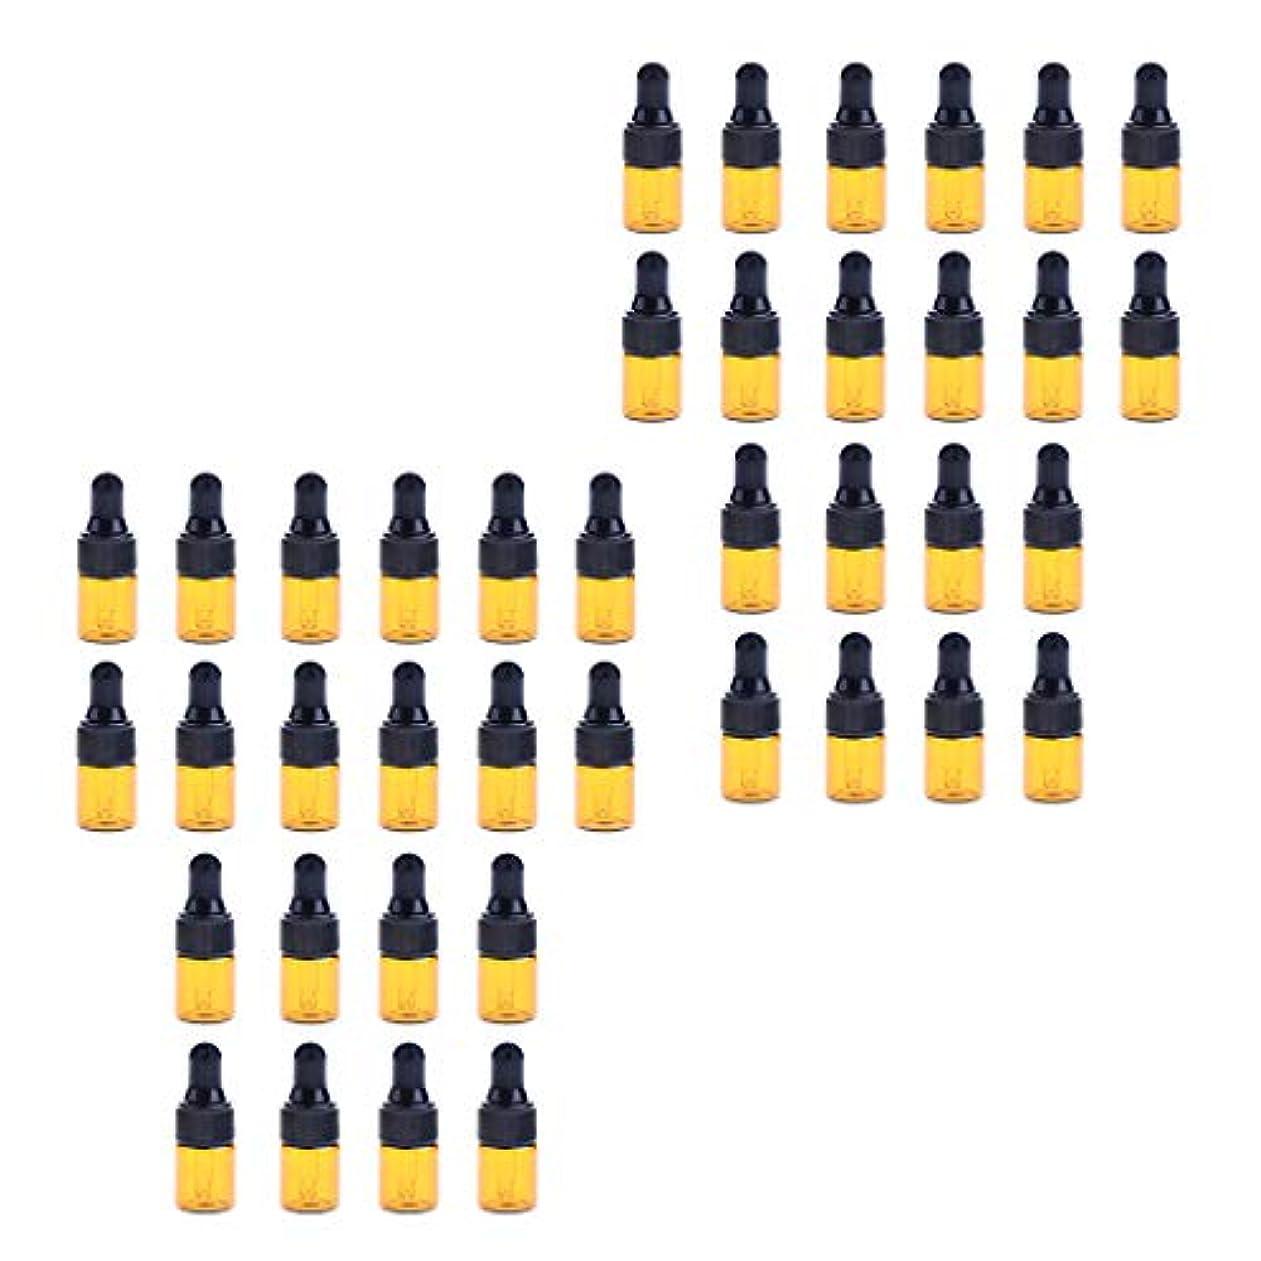 シェアメロディー公然とドロッパーボトル ガラス瓶 エッセンシャルオイル 精油 保存容器 詰め替え 小型 1ml /2ml 40個入